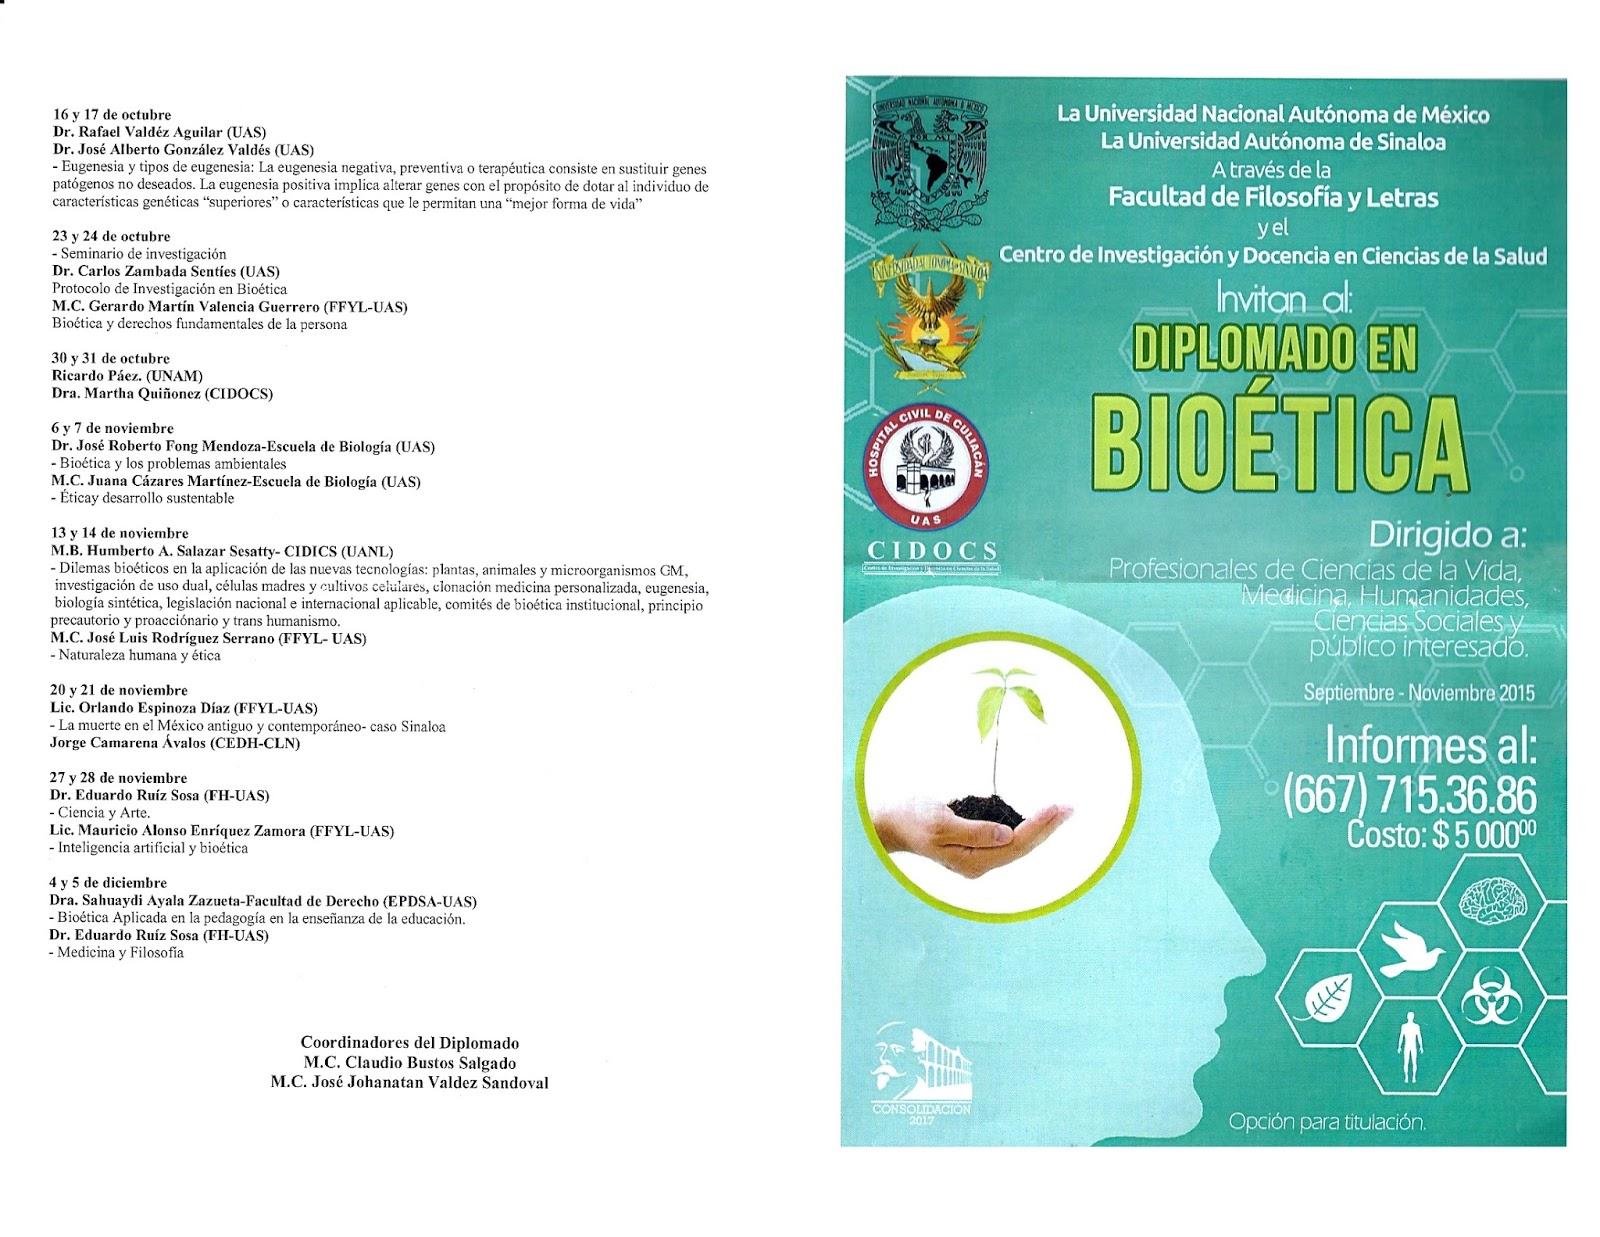 programa diplomado en bioetica unamuas fflcidocs ciencias de la salud culiacan